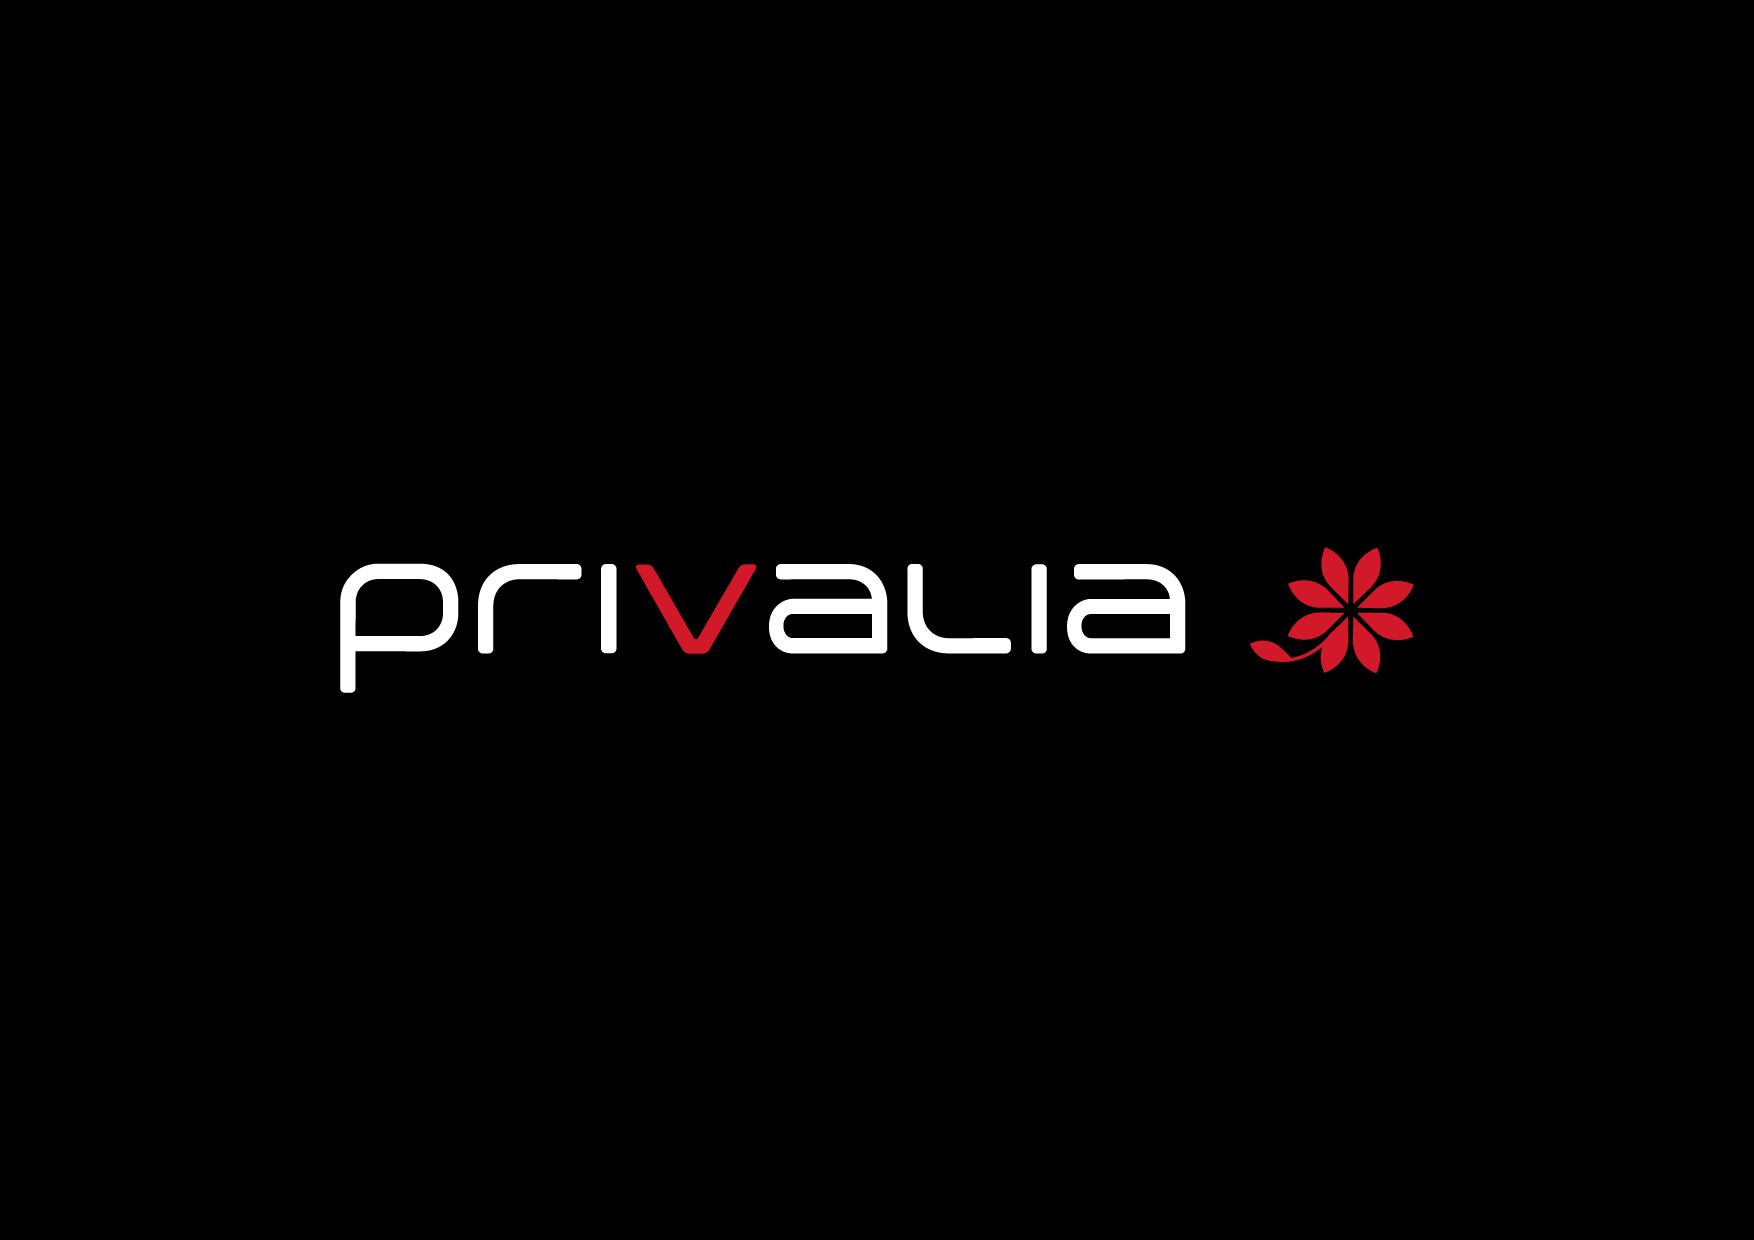 Privalia affida le relazioni pubbliche a weber shandwick - Privalia mobile ...